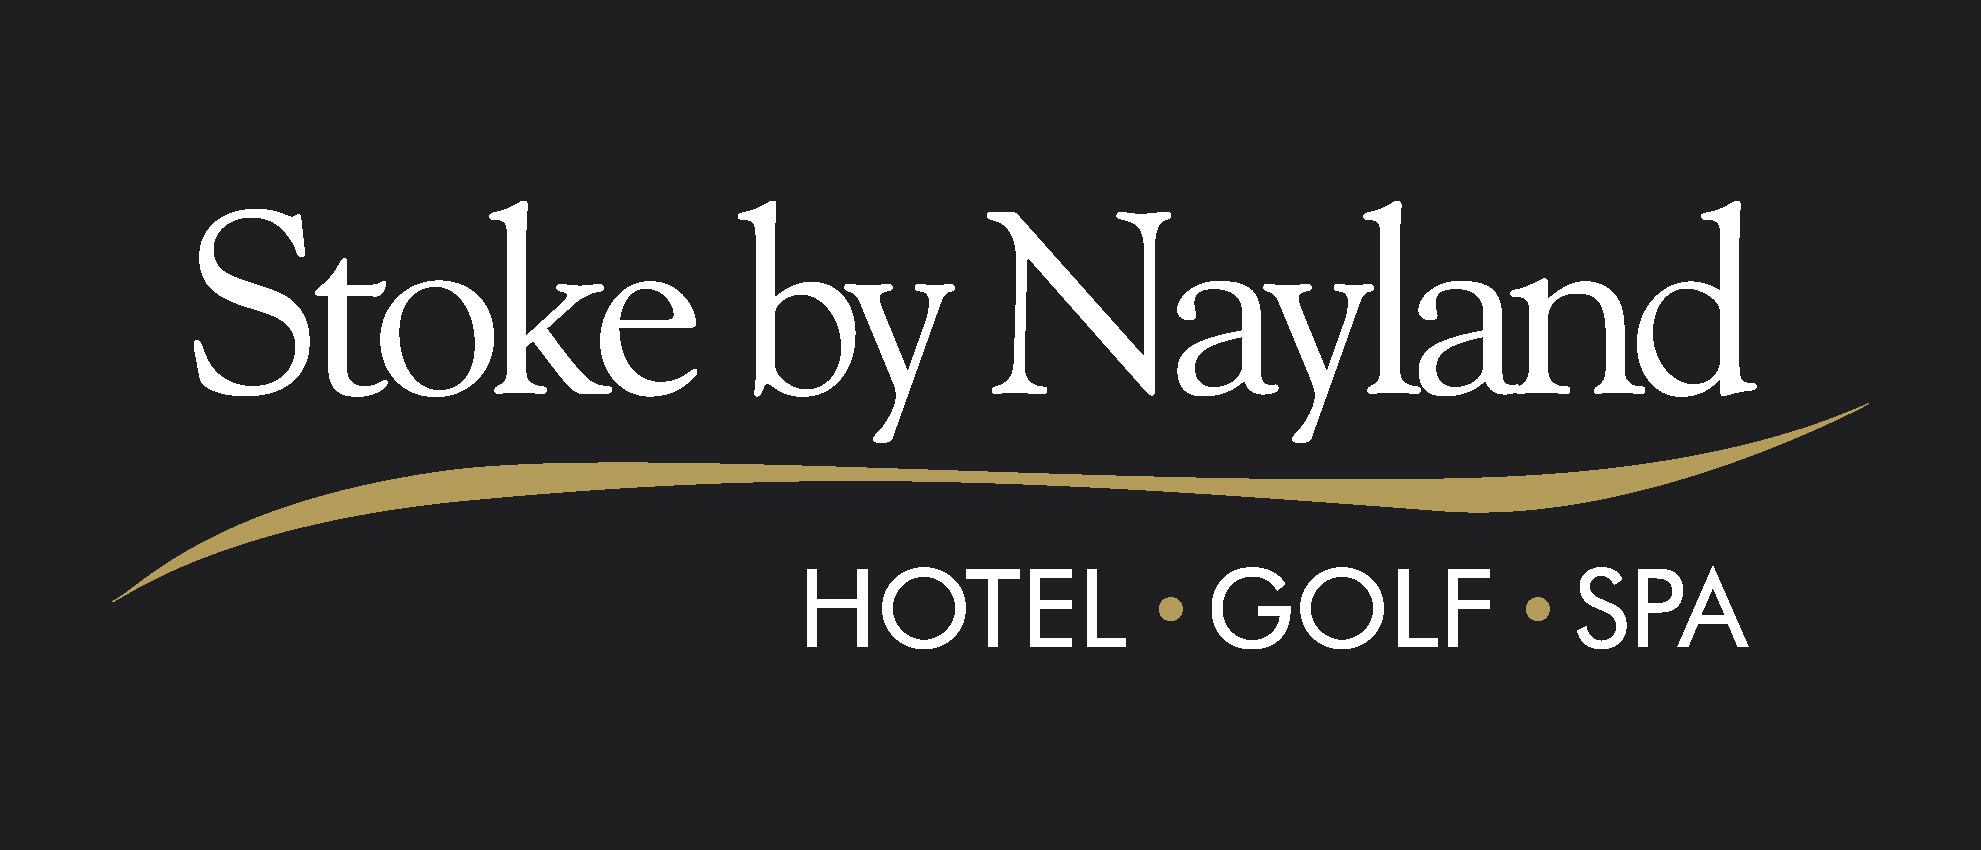 Stoke by Nayland Hotel Golf Spa